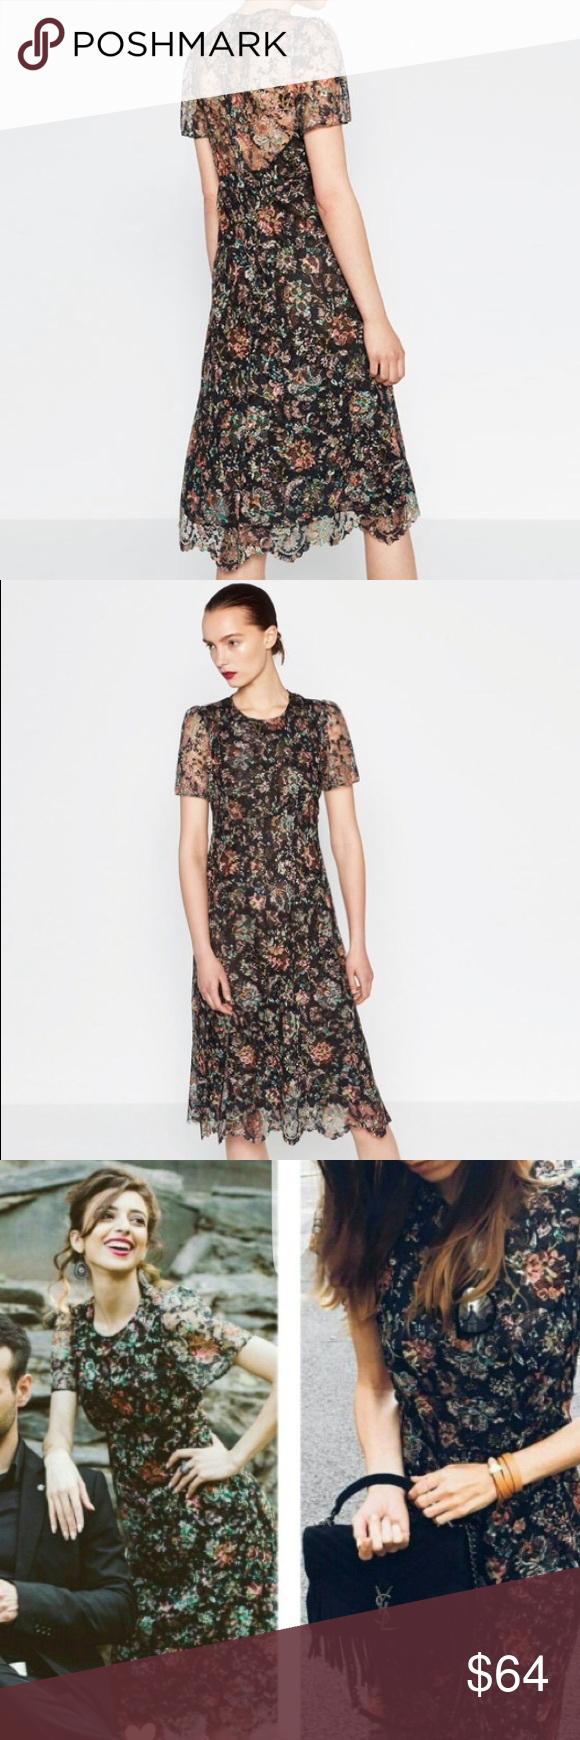 812f9849 Zara Floral Lace Midi Dress - raveitsafe